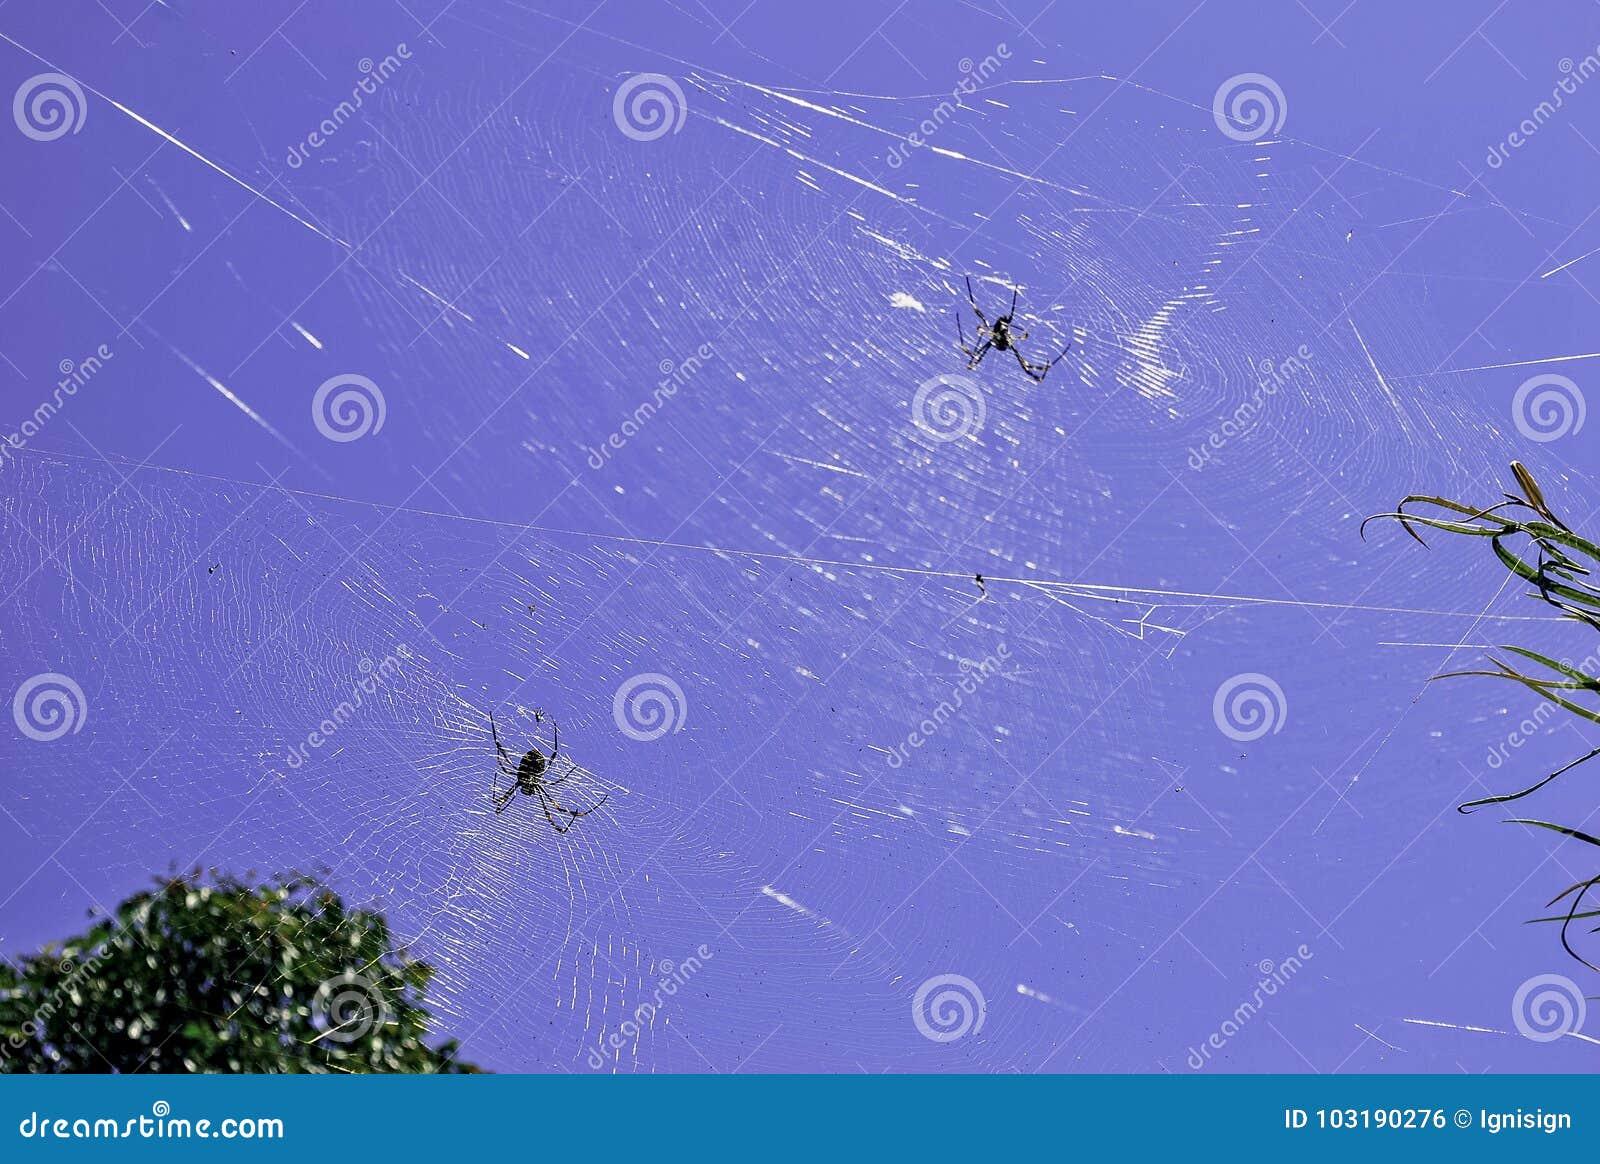 Dos arañas en plantas de conexión de una telaraña grande en un jardín, visto contra el cielo azul brillante